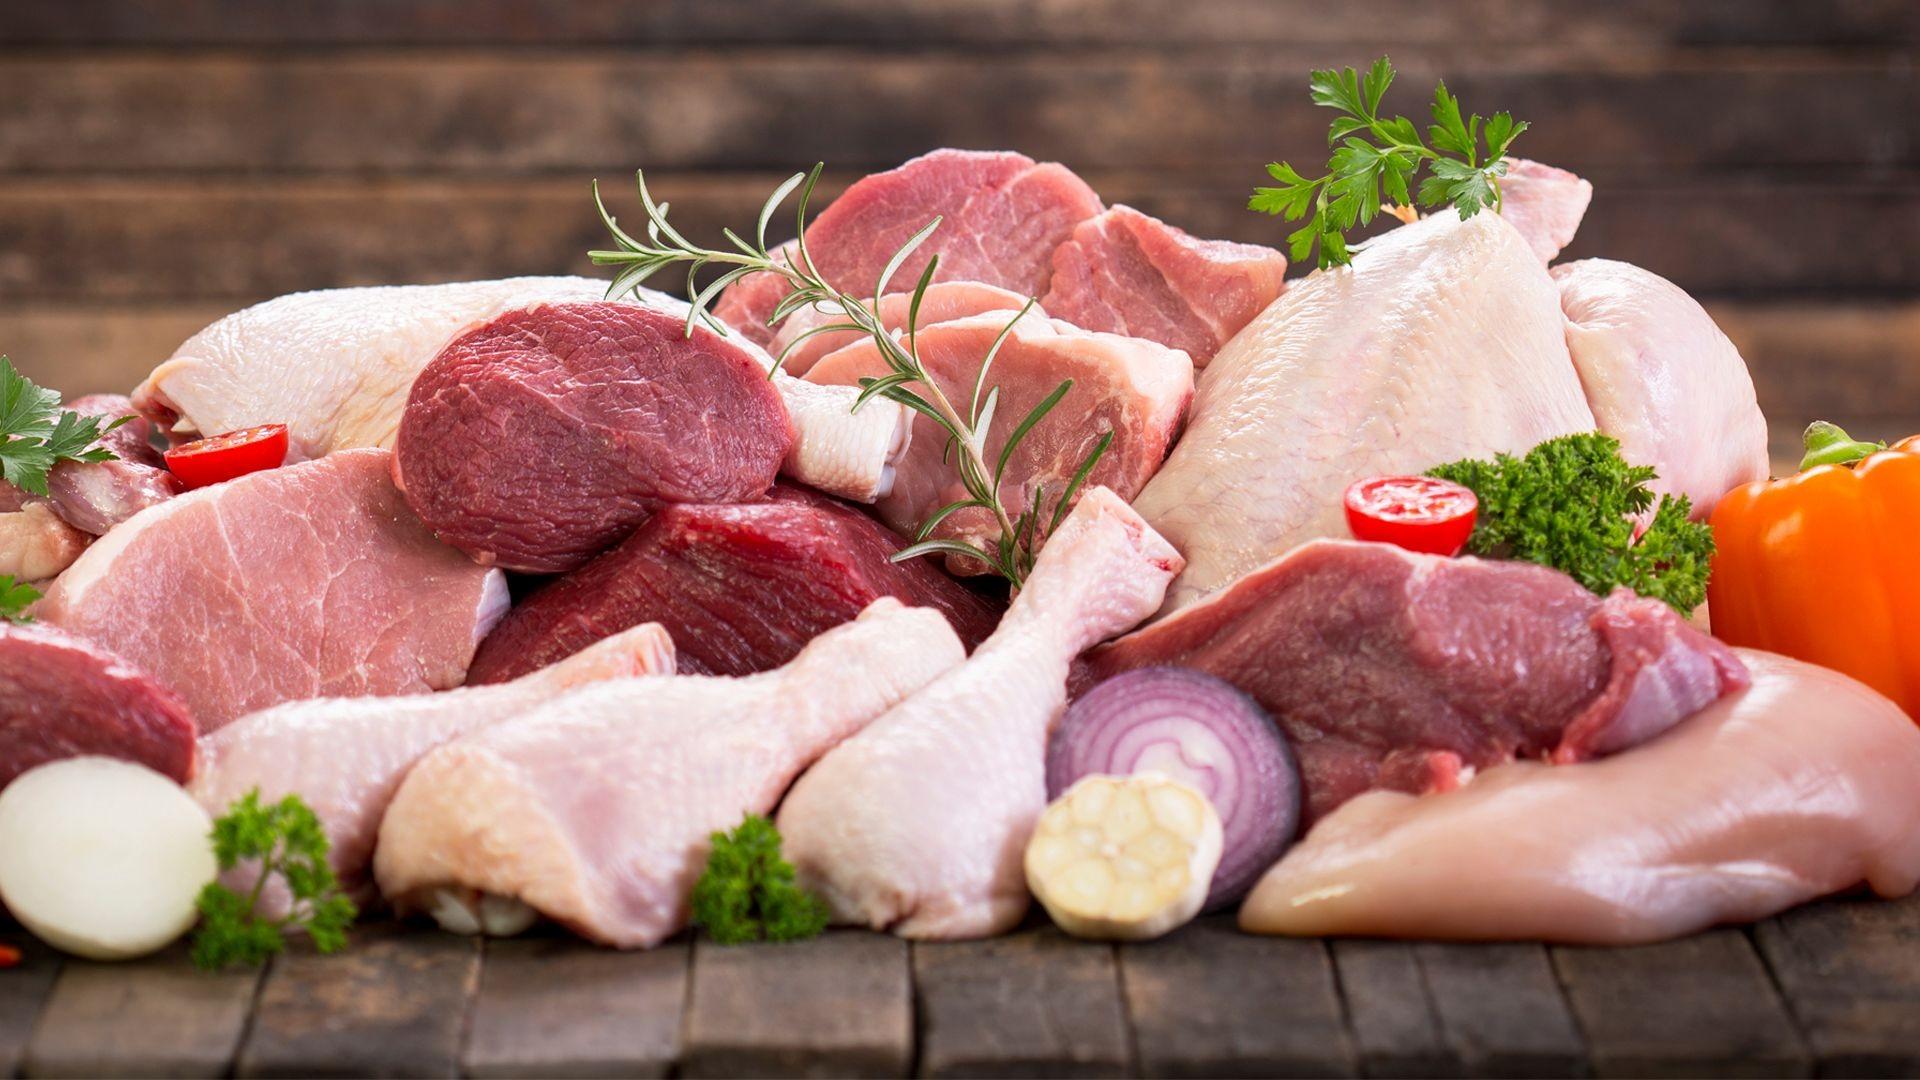 Carnicería y pollería en Guadalajara